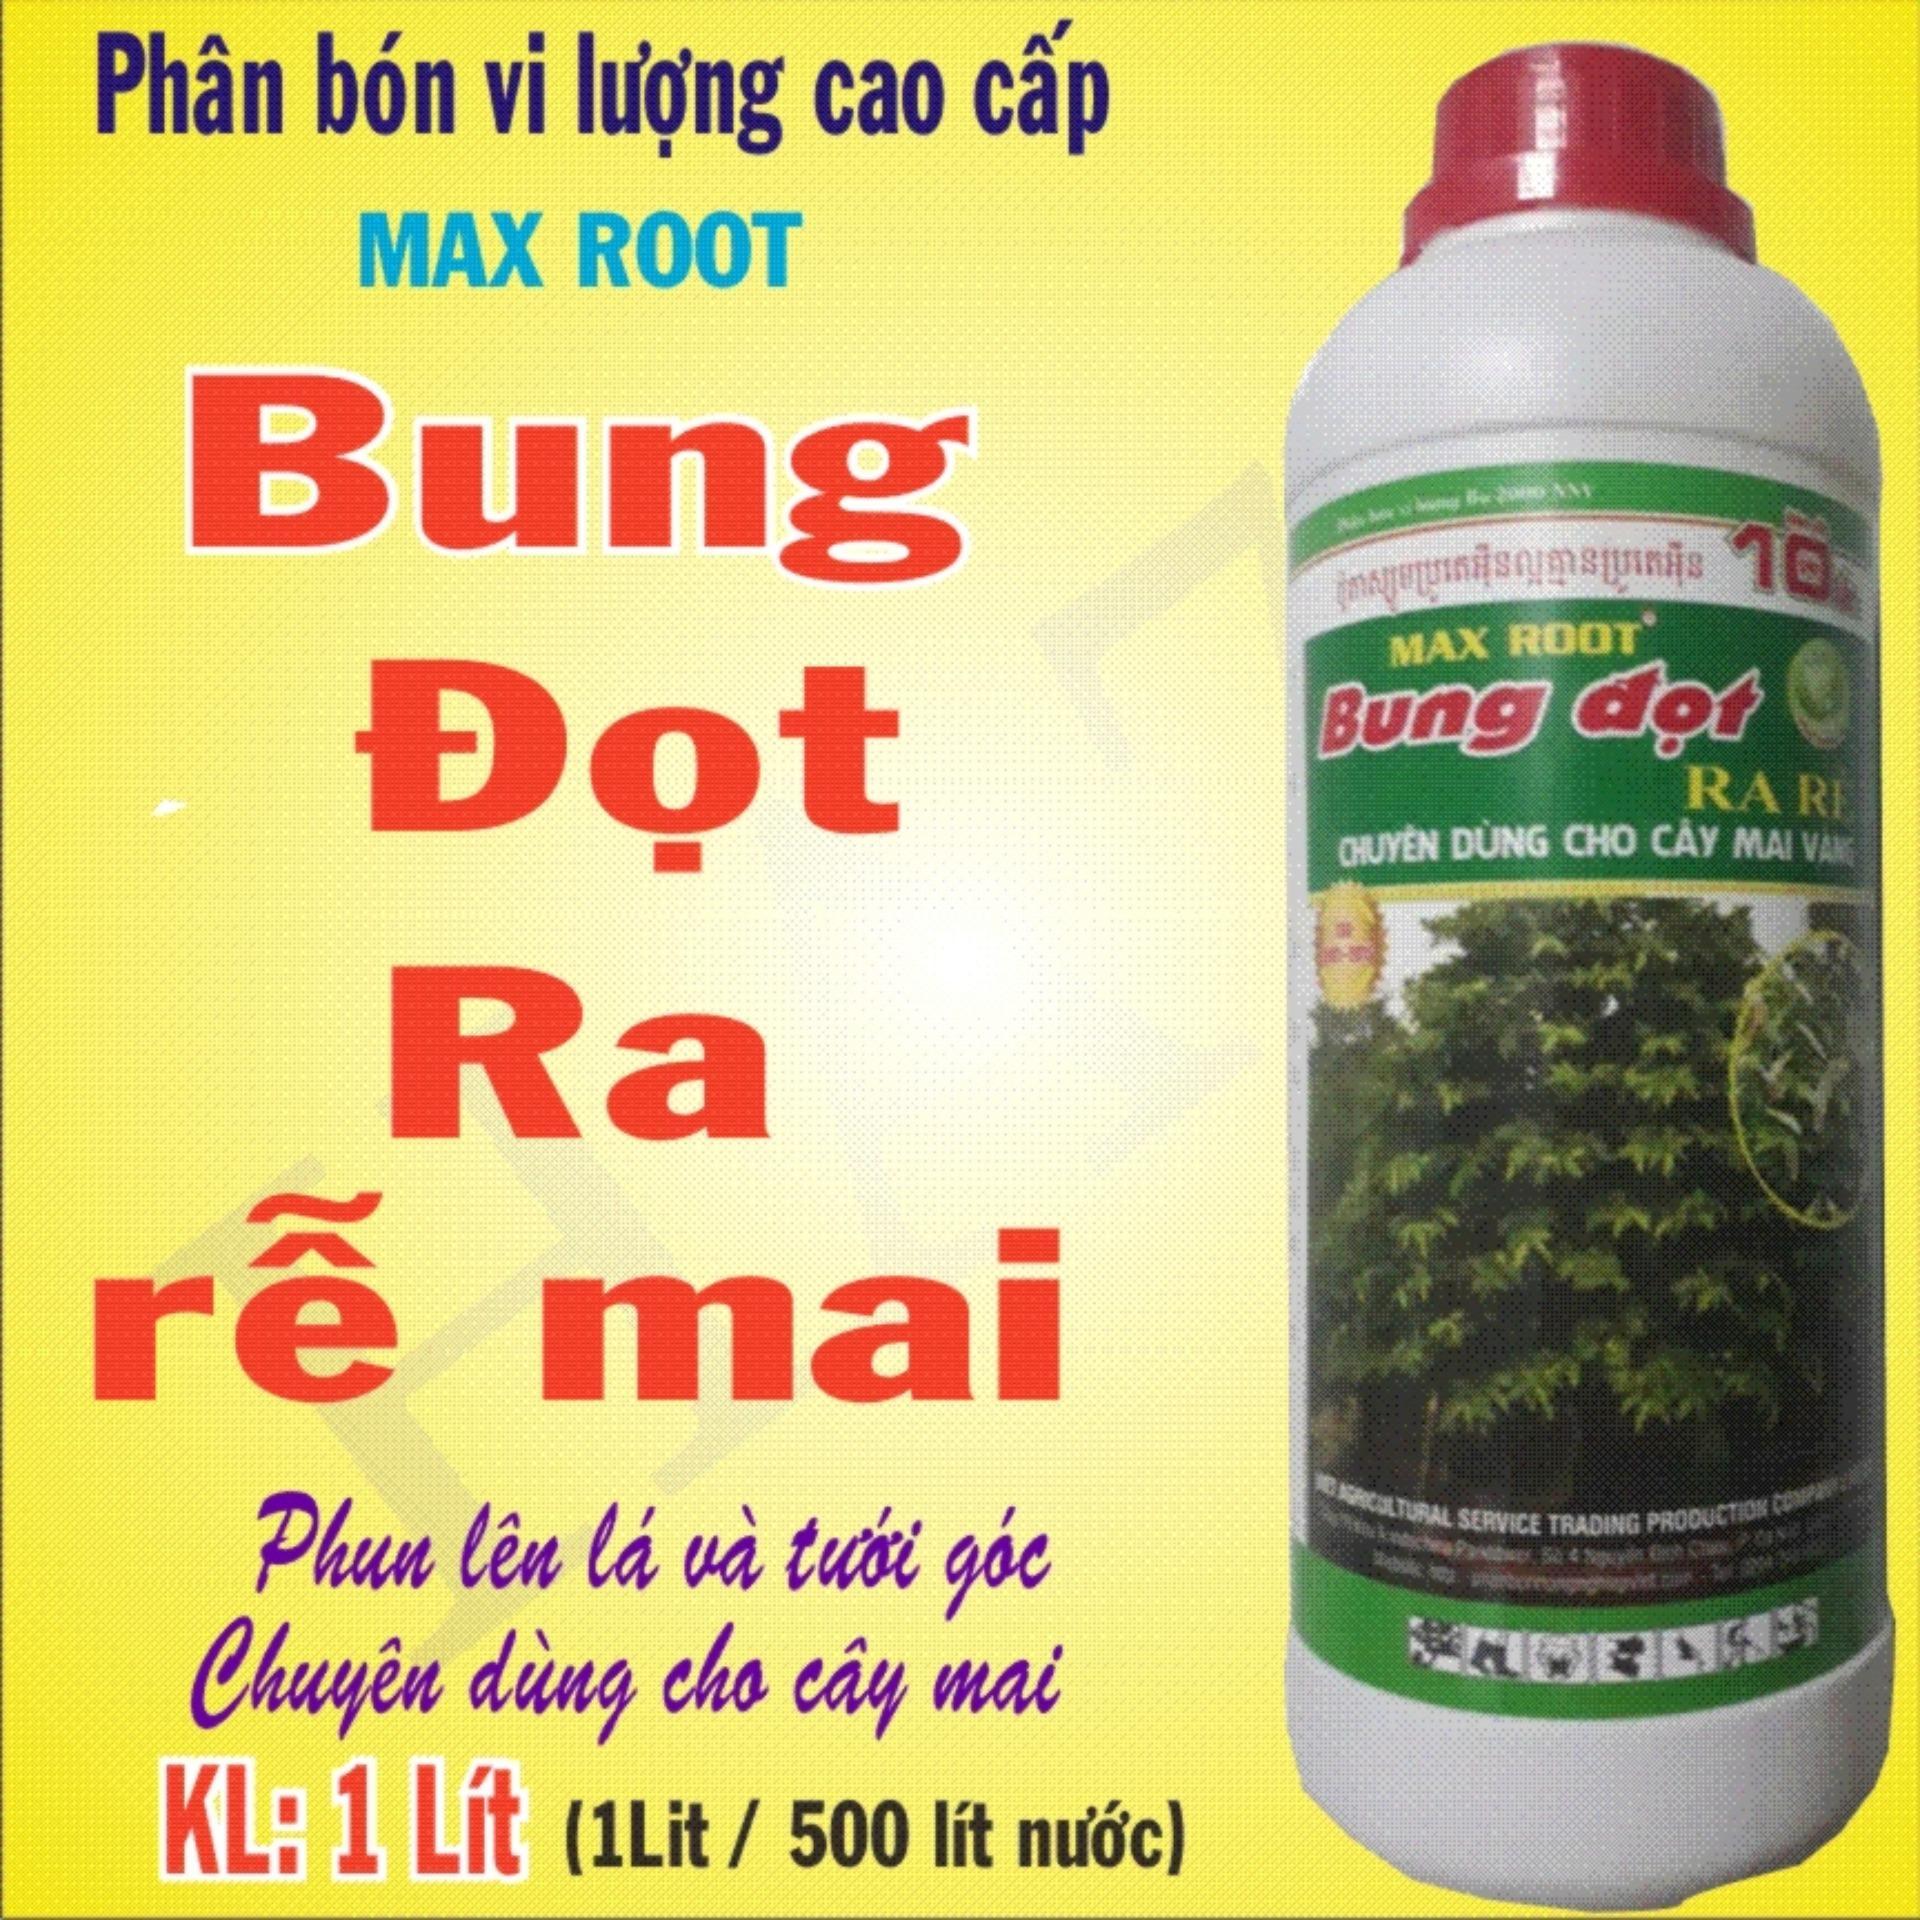 Phân bón vi lượng cao cấp Bung đọt ra rễ mai, chuyên dùng cho mai vàng - KL; 1L